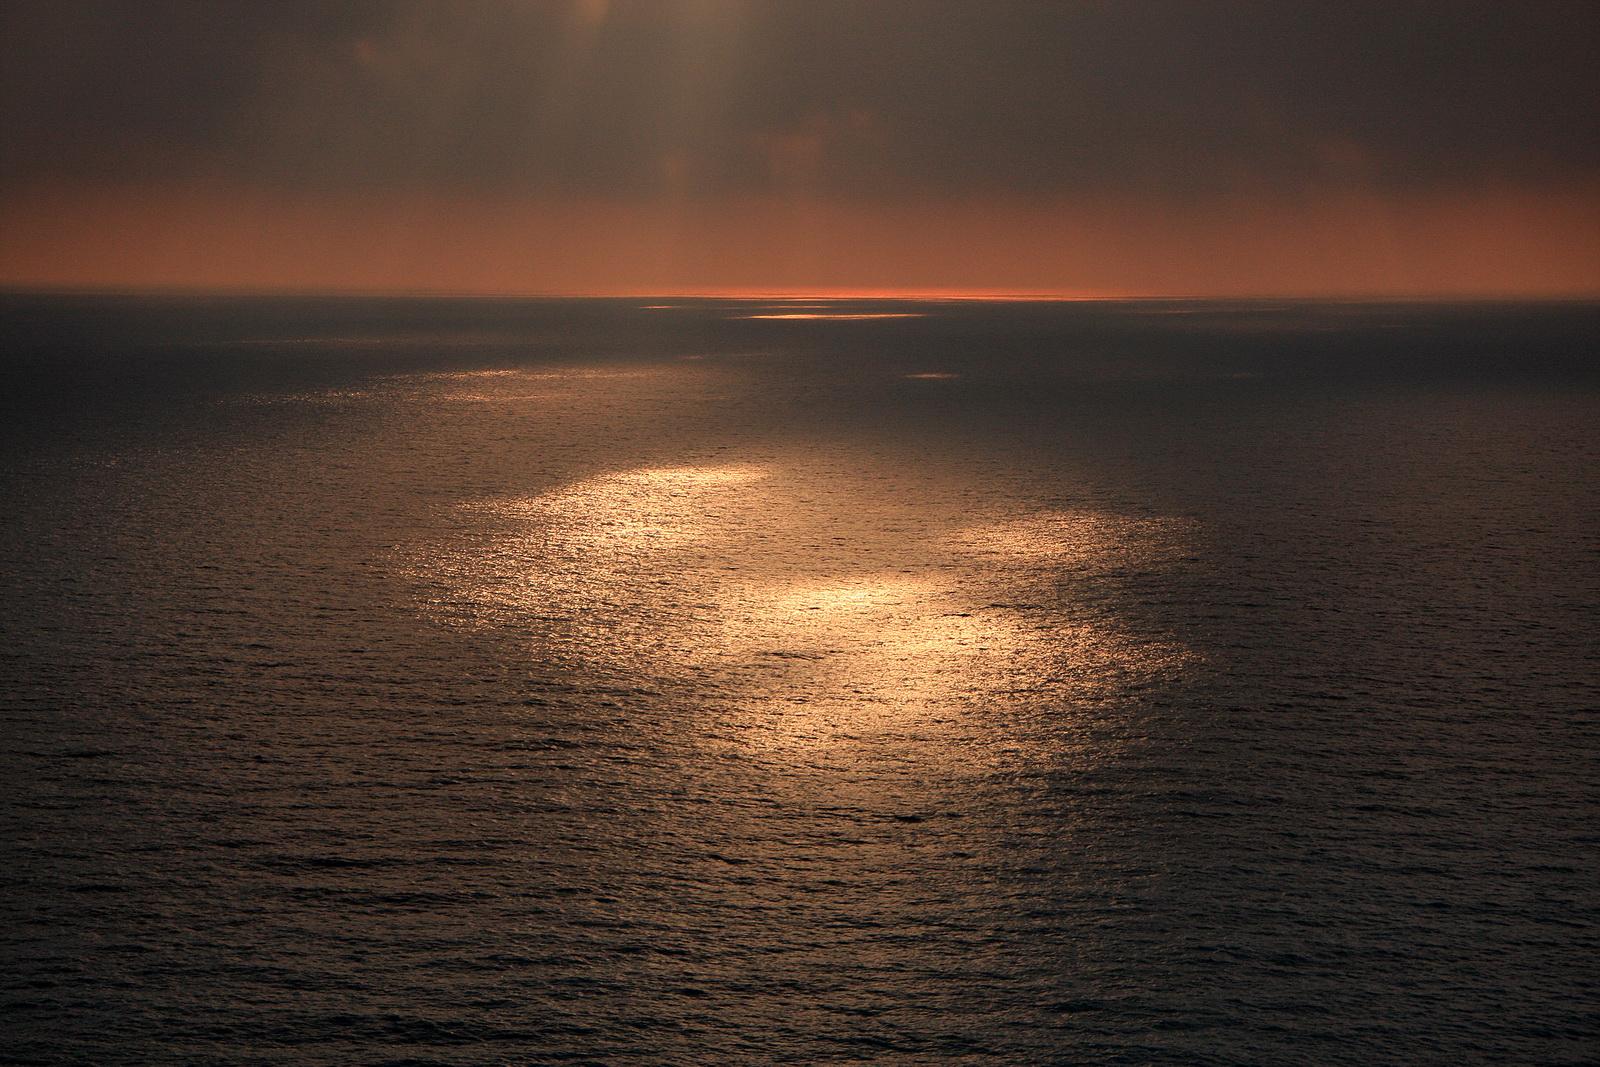 Sea view - Lefkada